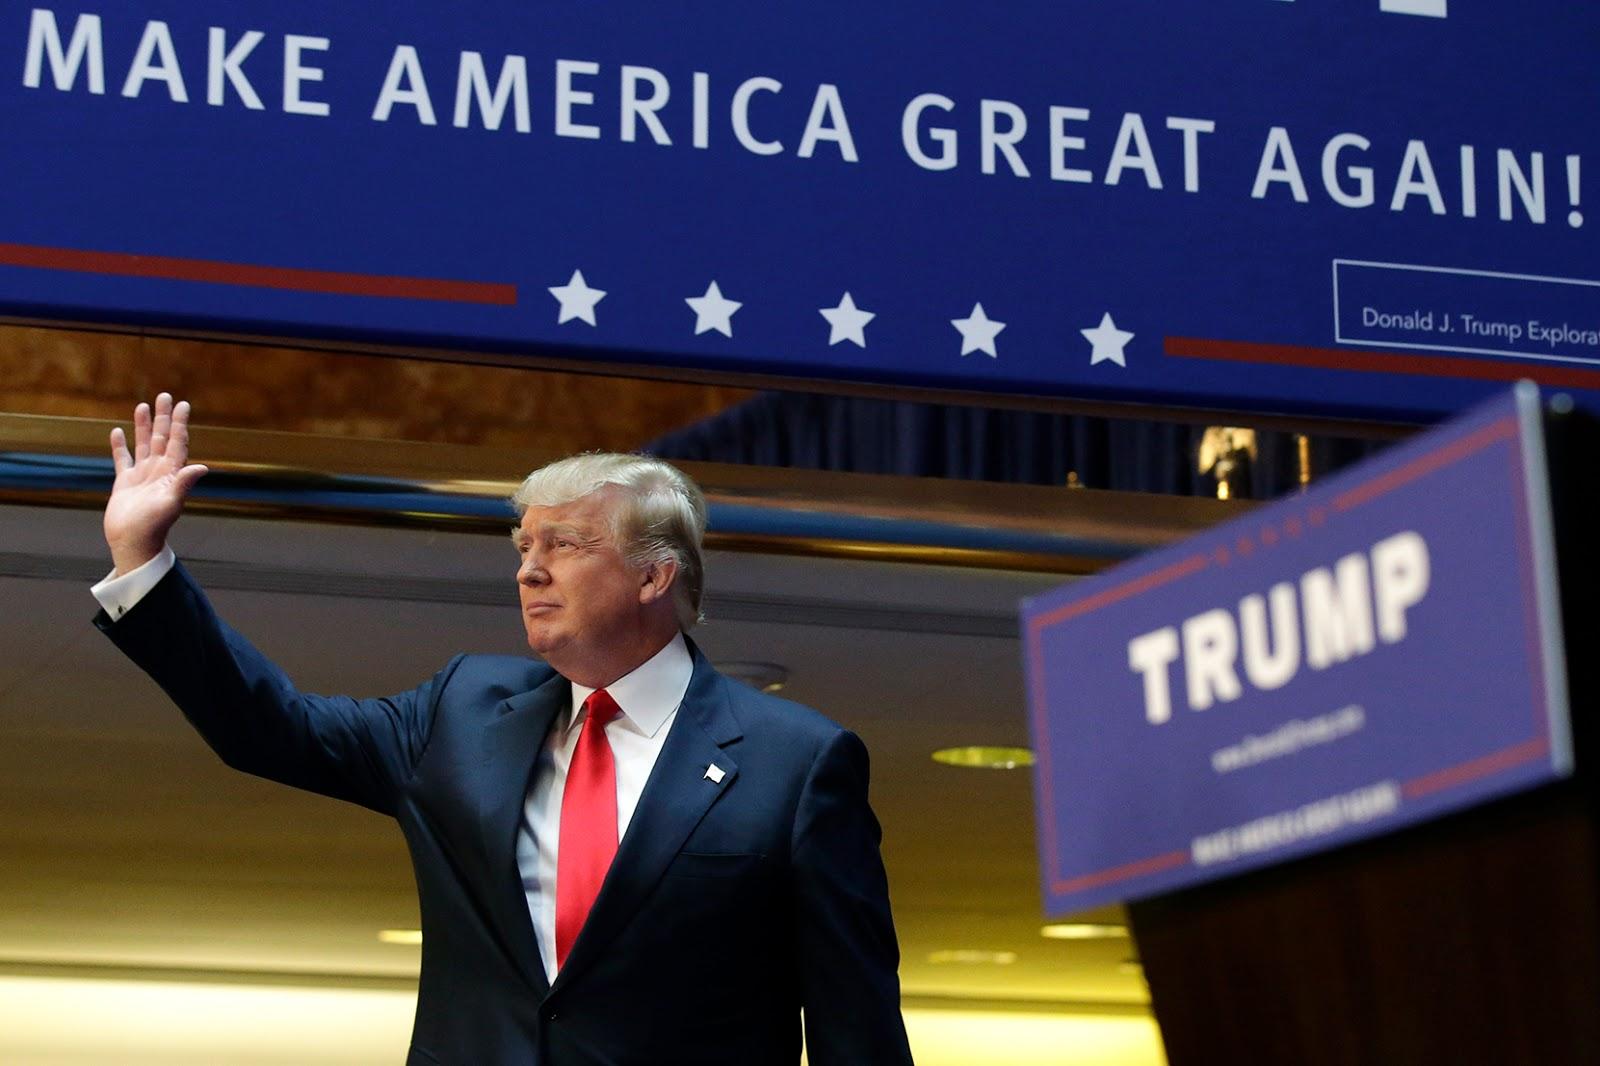 Inilah Biografi Donald Trump President As Ke 45: Profil Dan Biografi Donald Trump, Presiden Amerika Serikat